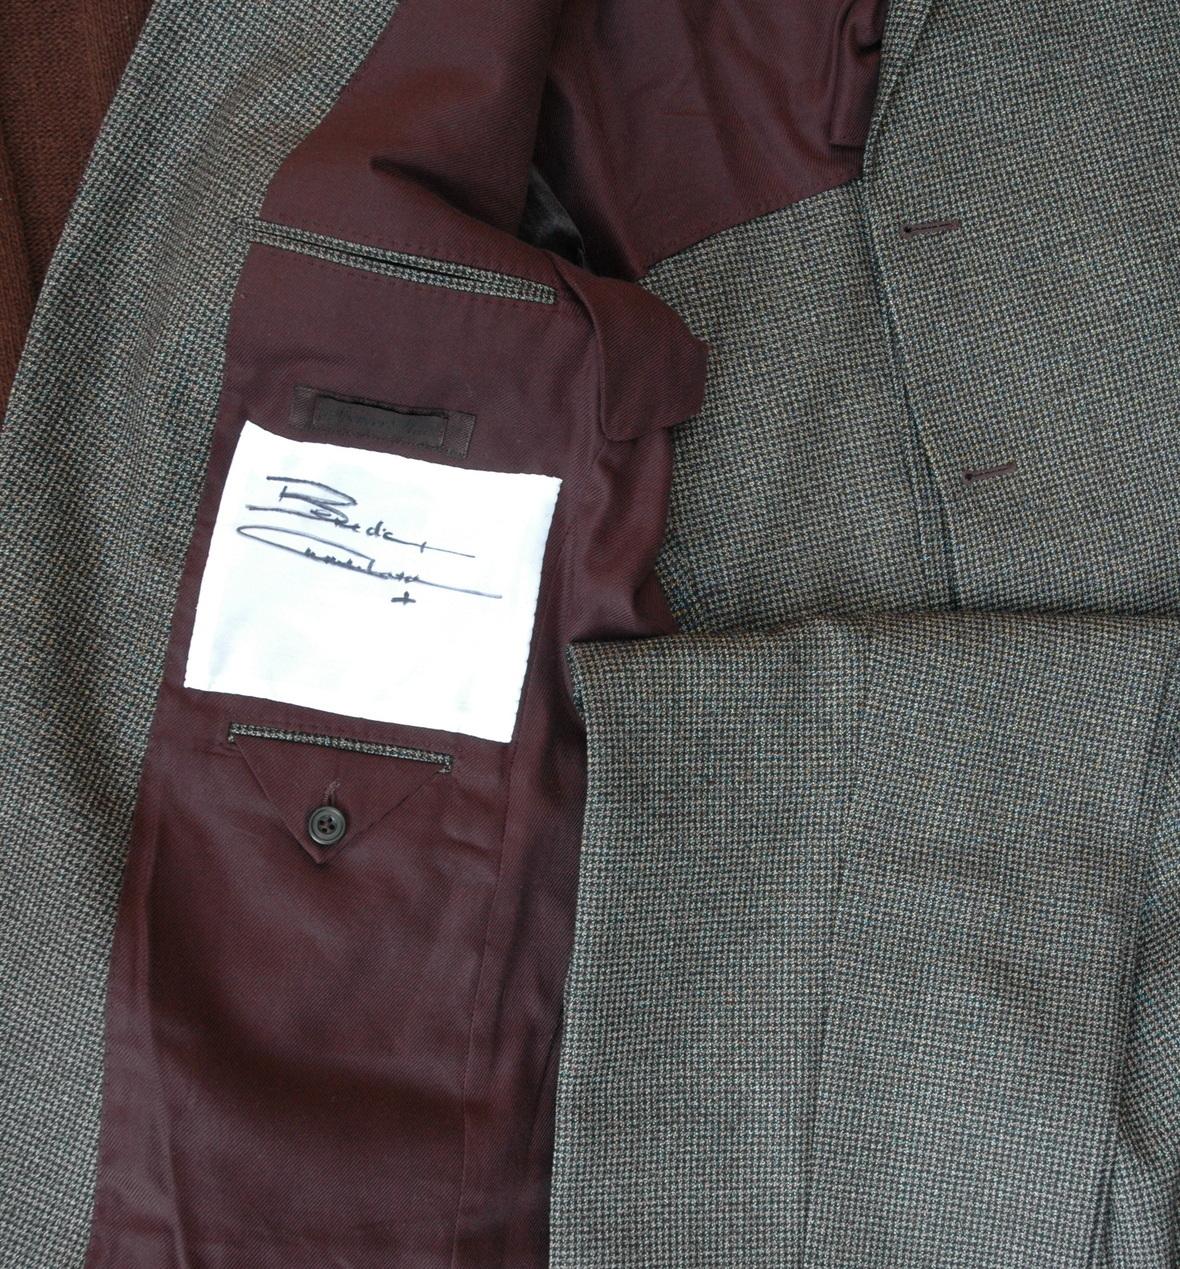 1. Cumberbatch suit label